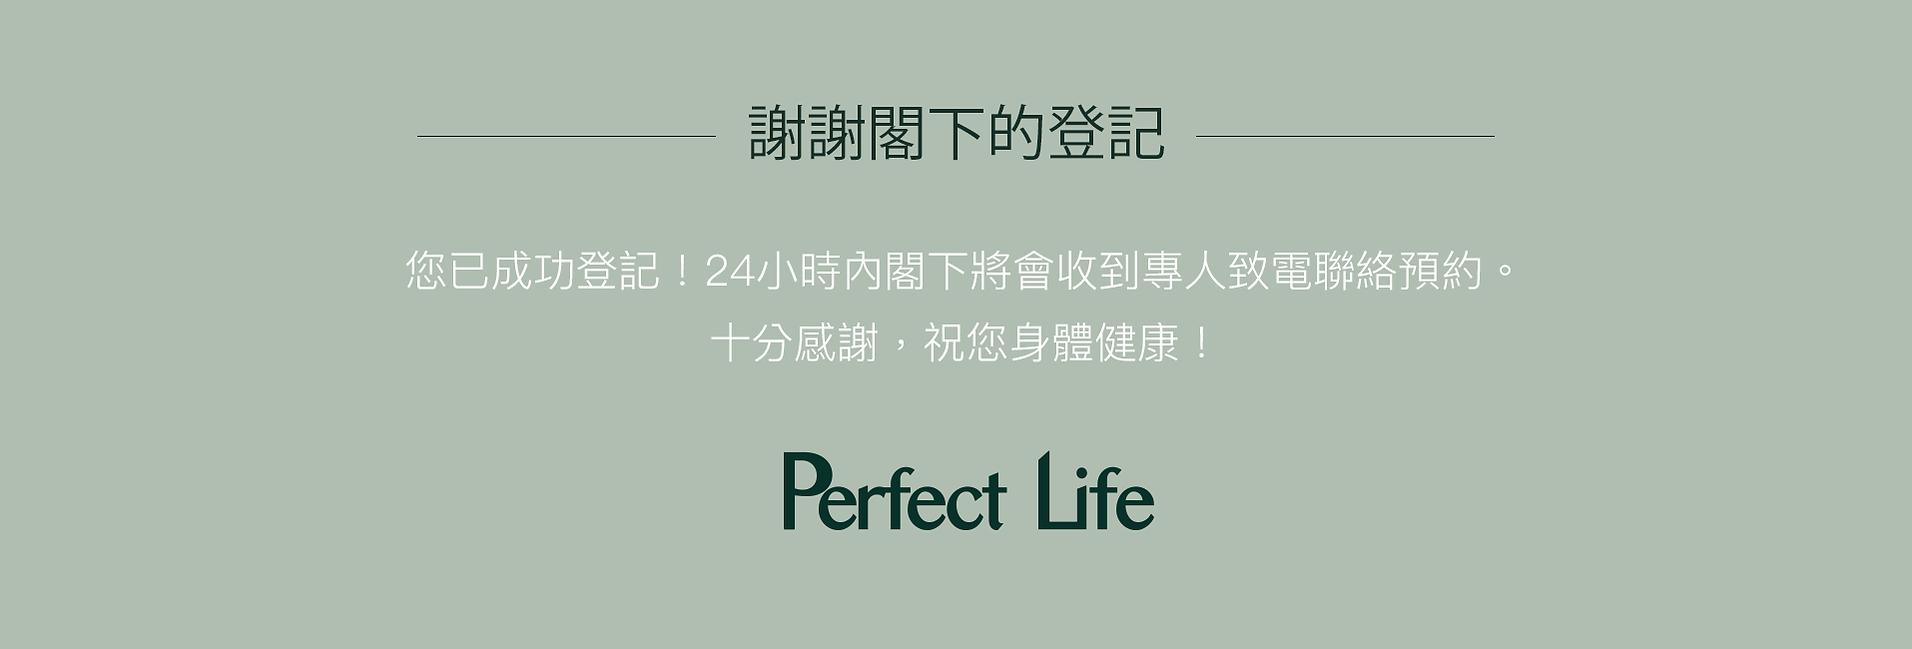 thankyou_web_chi.png